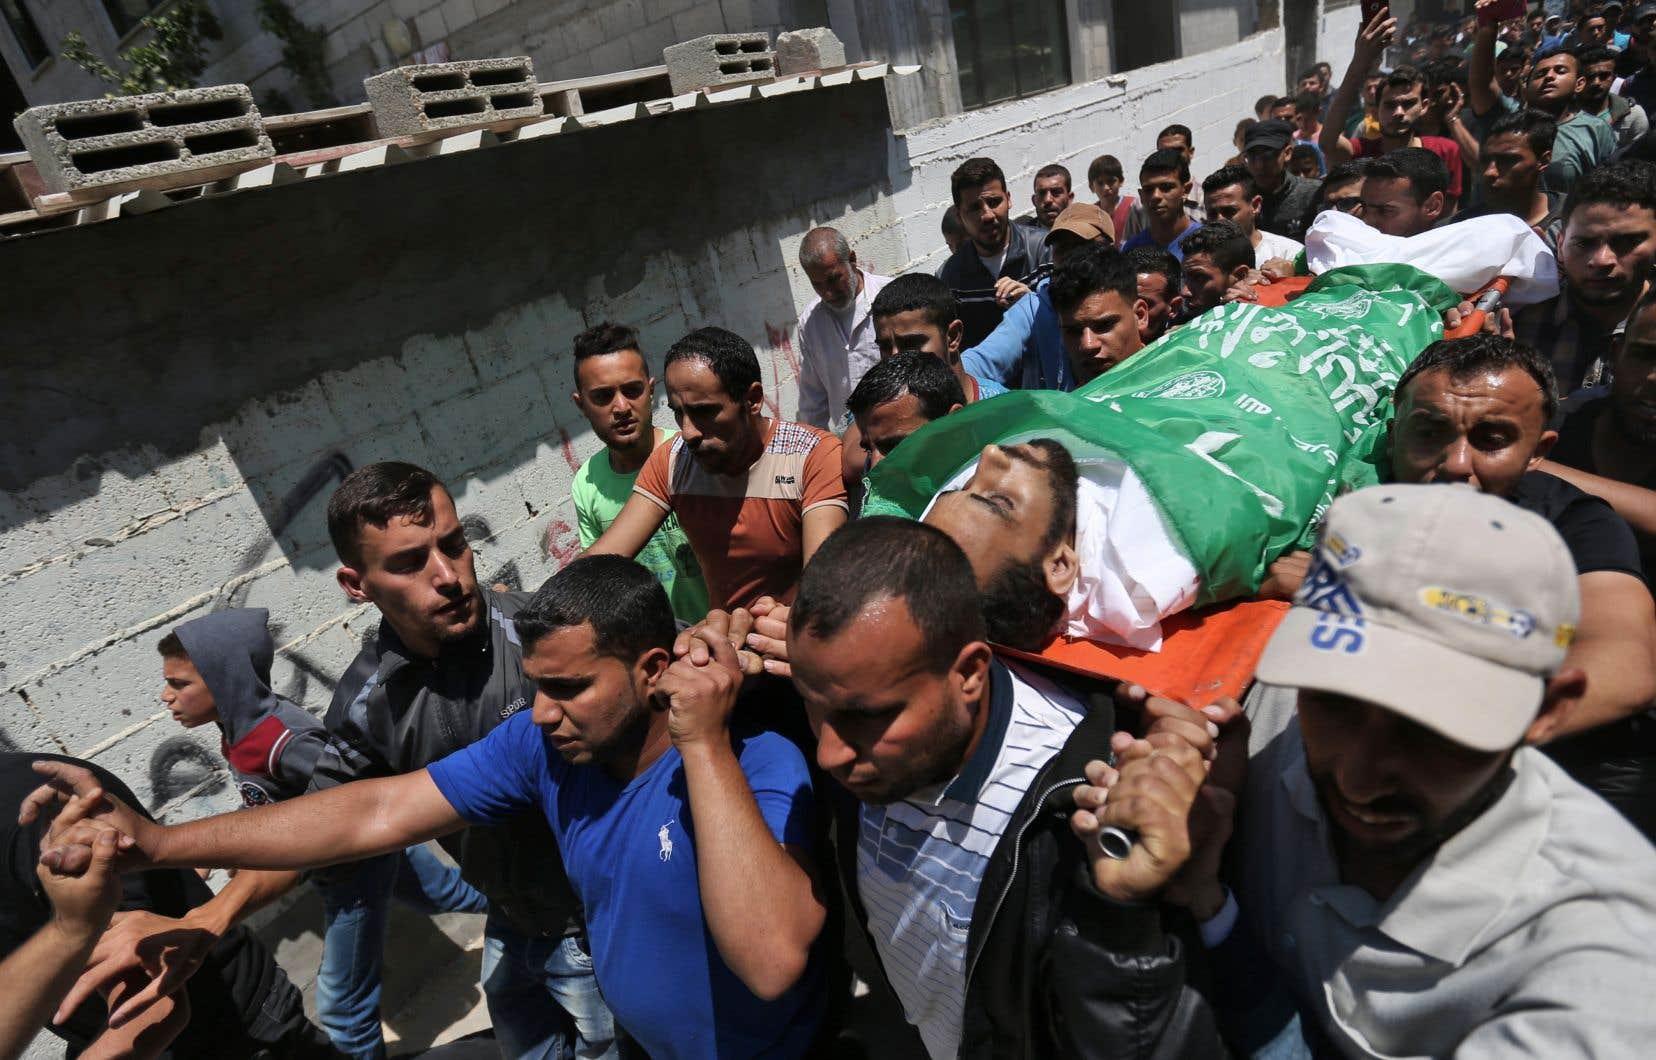 À travers toute la bande de Gaza, les Palestiniens ont terminé mardi d'enterrer les leurs tués la veille lors de violents affrontements avec l'armée israélienne.